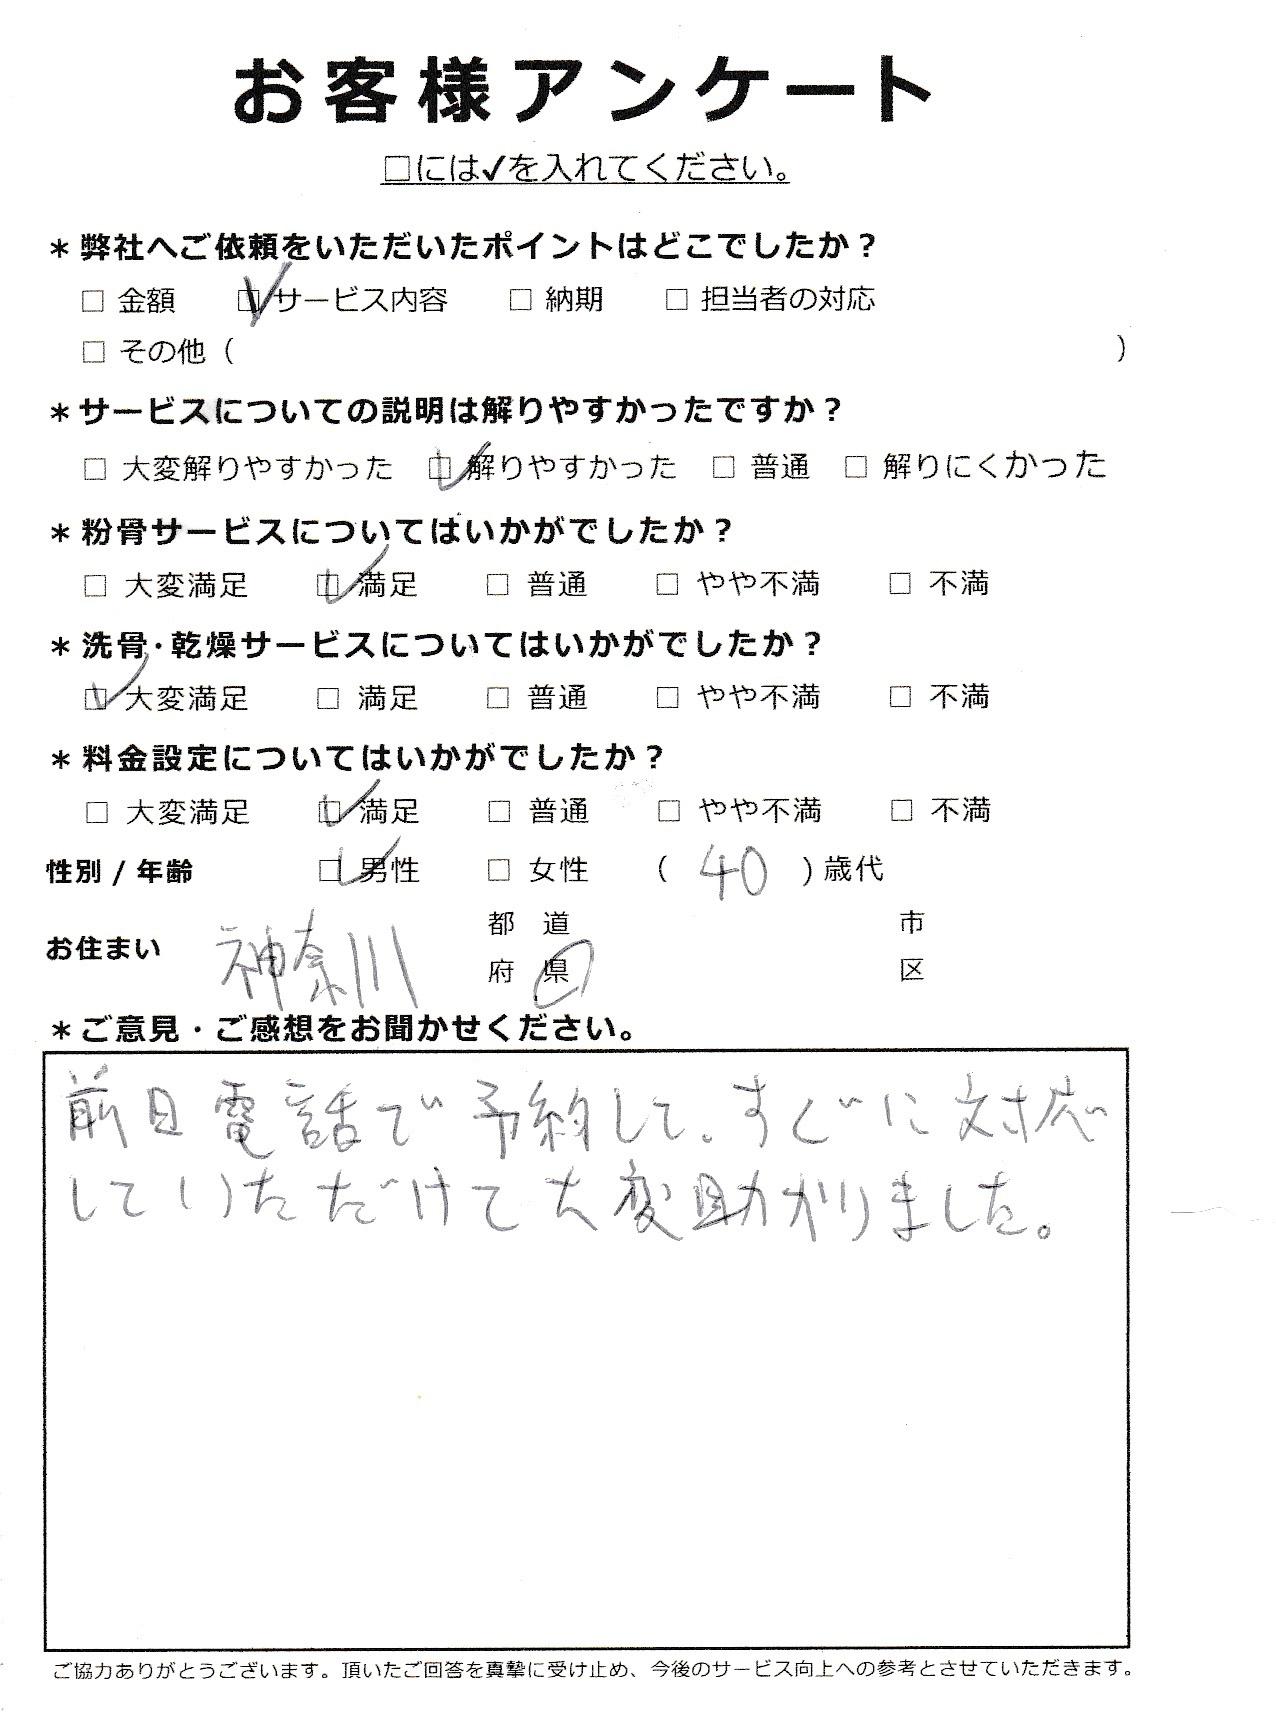 神奈川県の粉骨事例